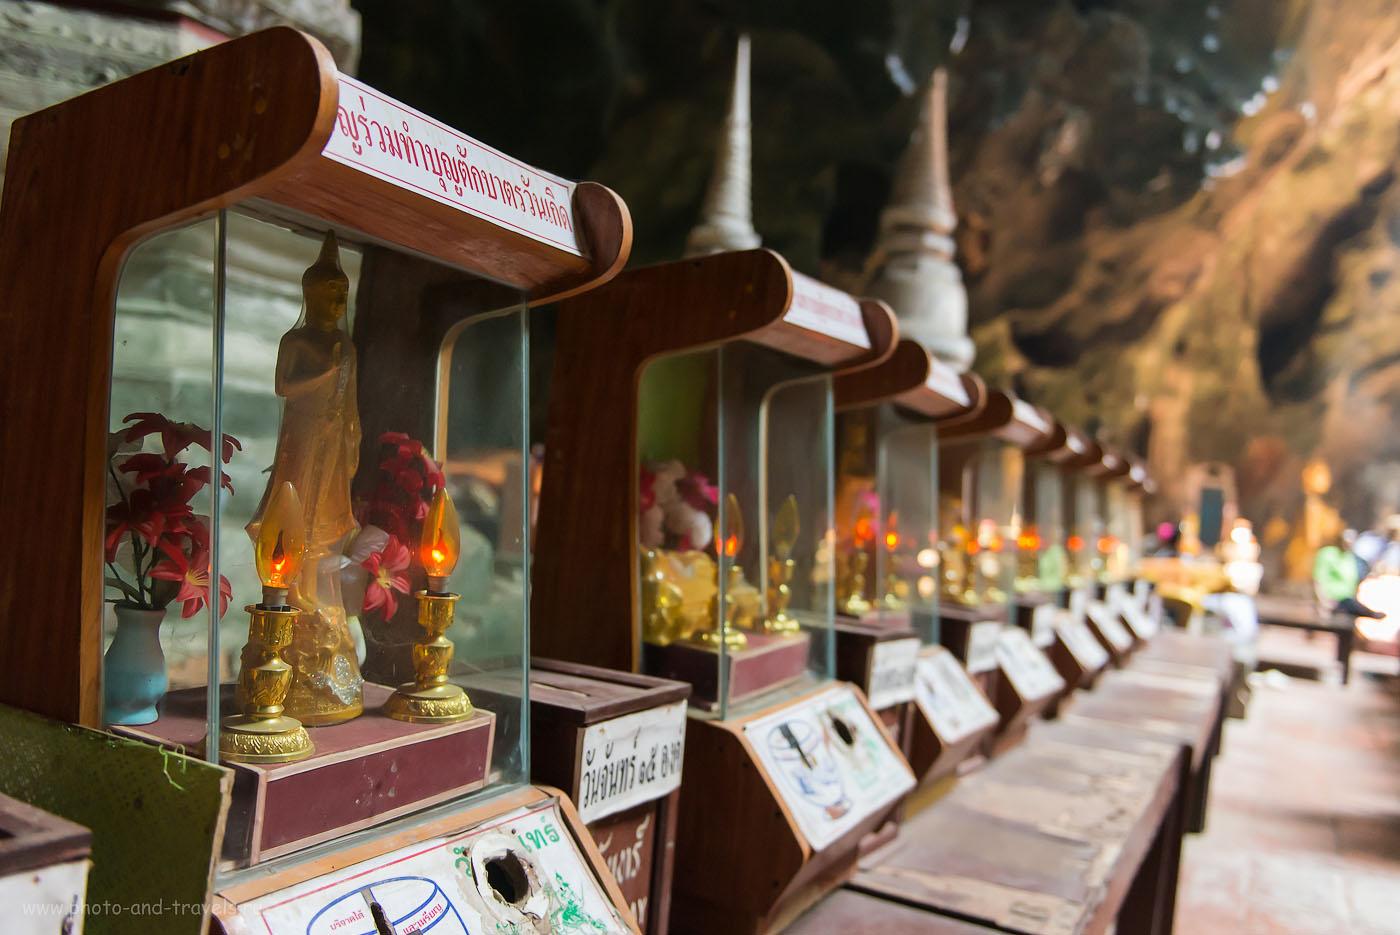 Фото 21. Пещера Луанг в Таиланде. Самостоятельный отдых. Маленький Будда (съемка с рук, объективNikkor24-70/2.8, ИСО 4000, 29, 2.8, 1/160)